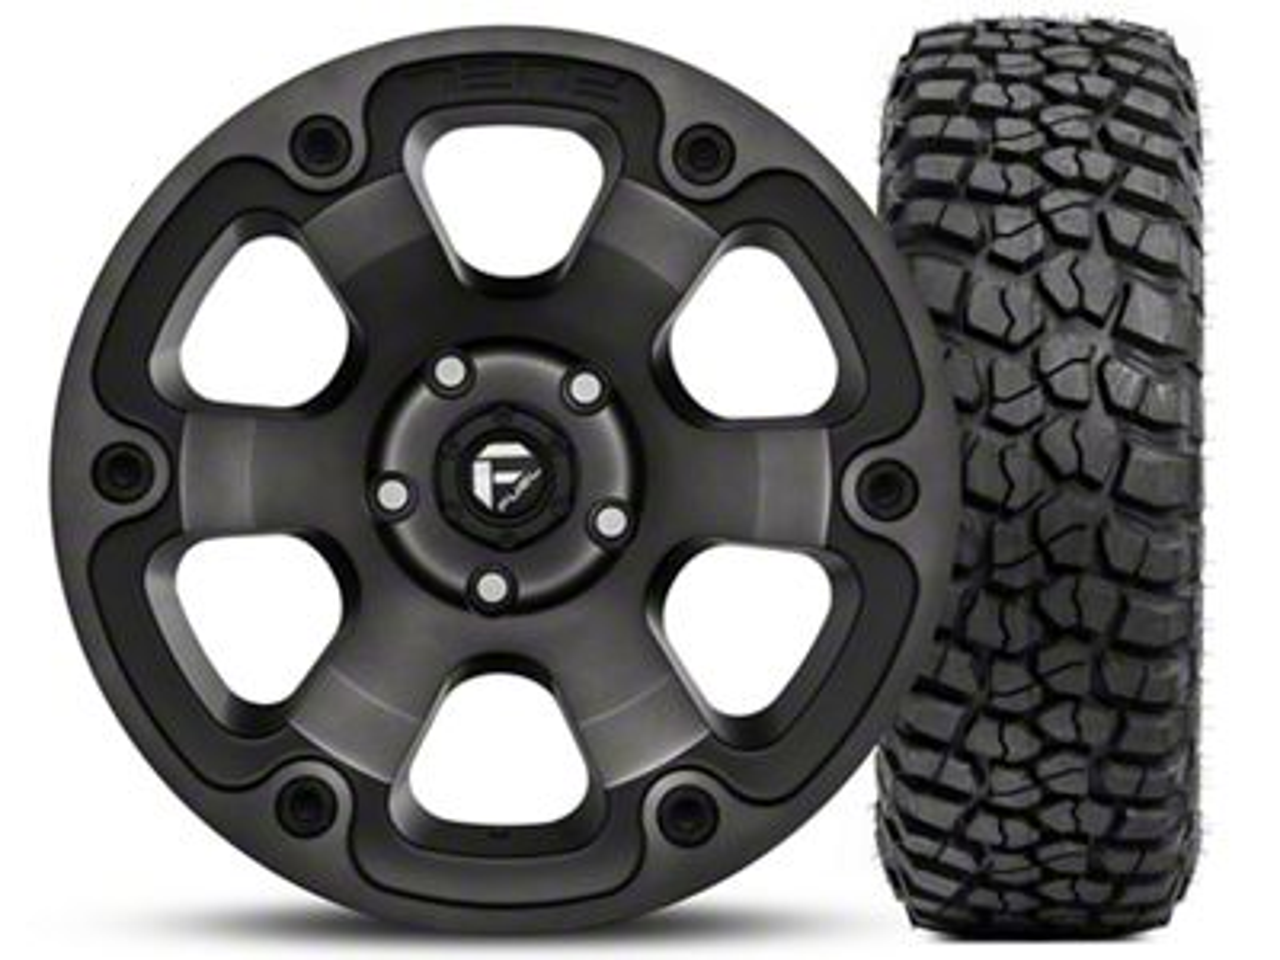 Fuel Wheels Beast Black Machined Wheel 17x9 and BF Goodrich Mud Terrain T/A KM2 35x12.50R17 Kit (07-18 Jeep Wrangler JK)